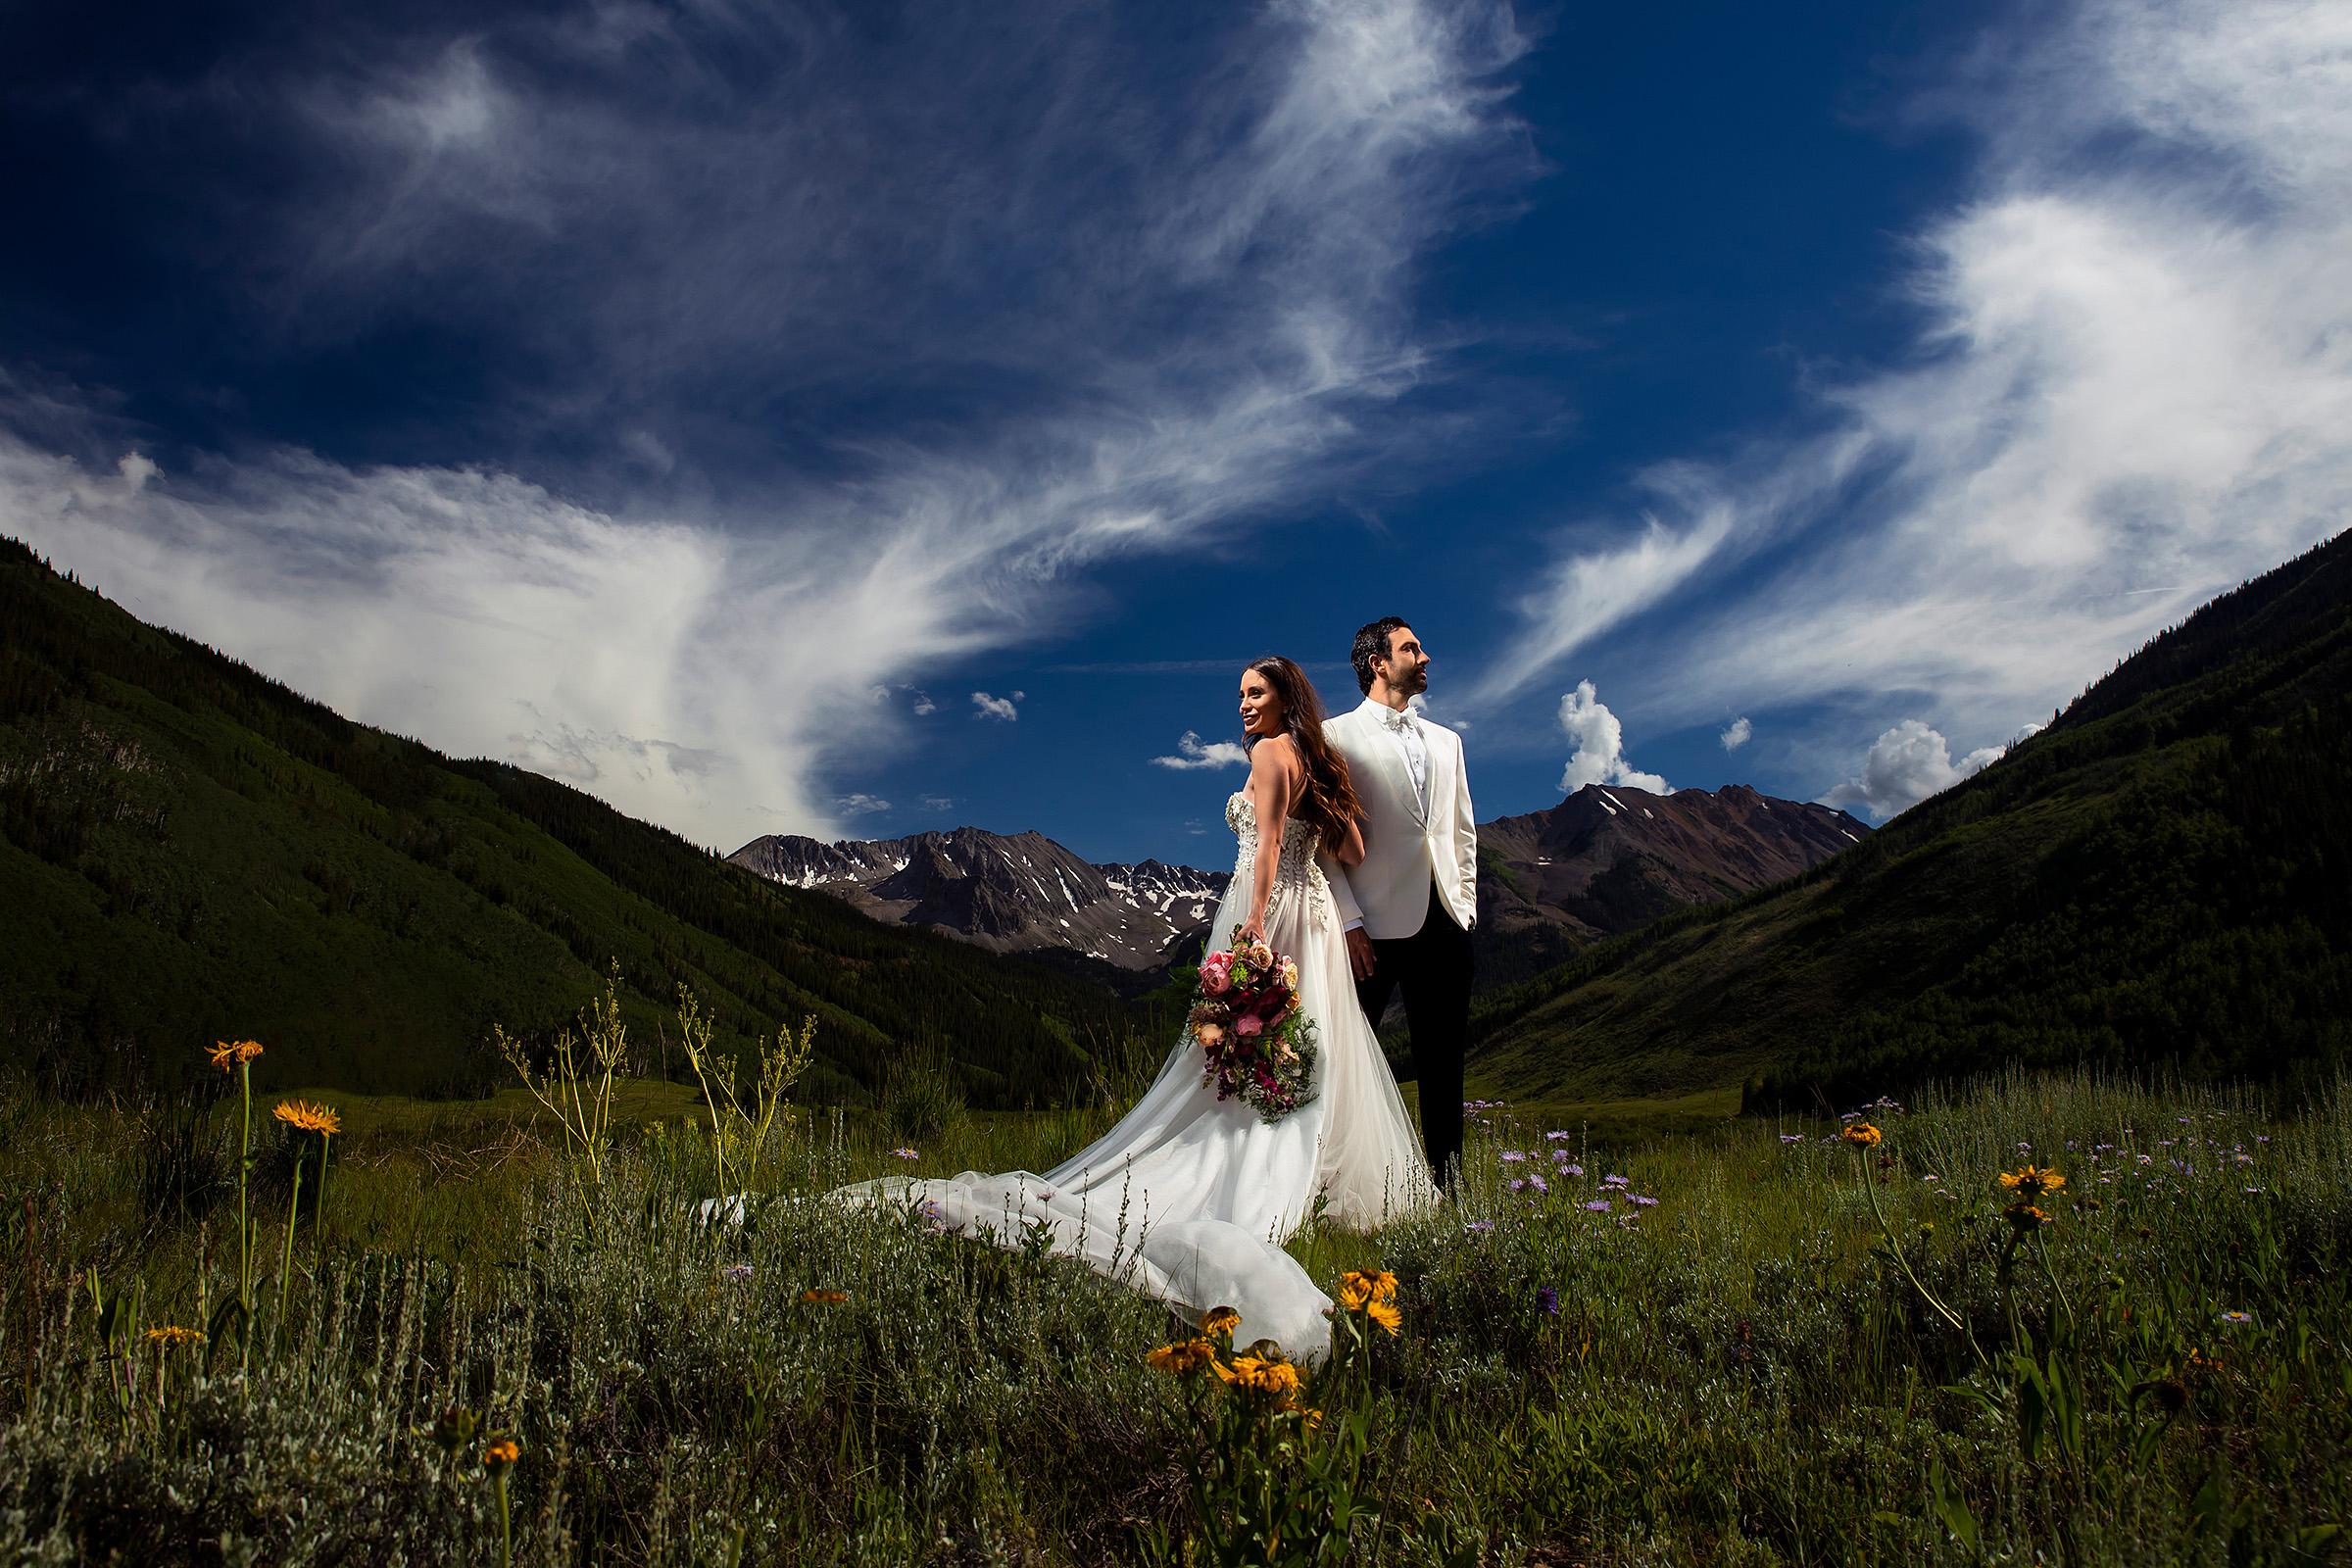 Just married couple in wildflower field, Aspen Colorado - photo by J. La Plante Photo